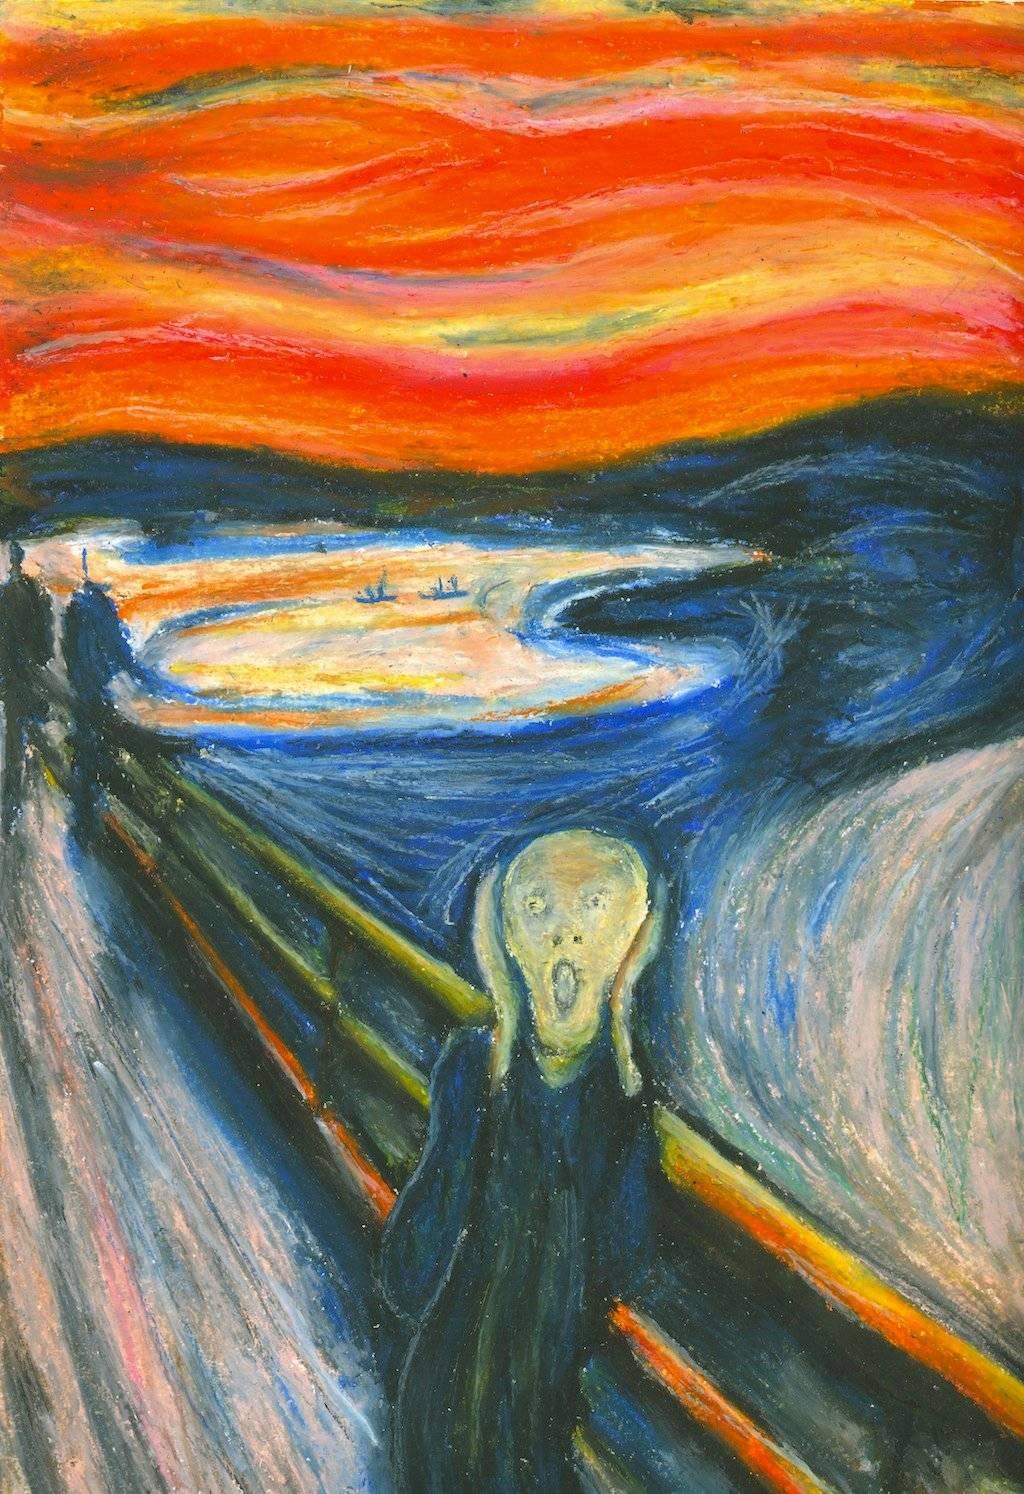 Тайный смысл знаменитых картин